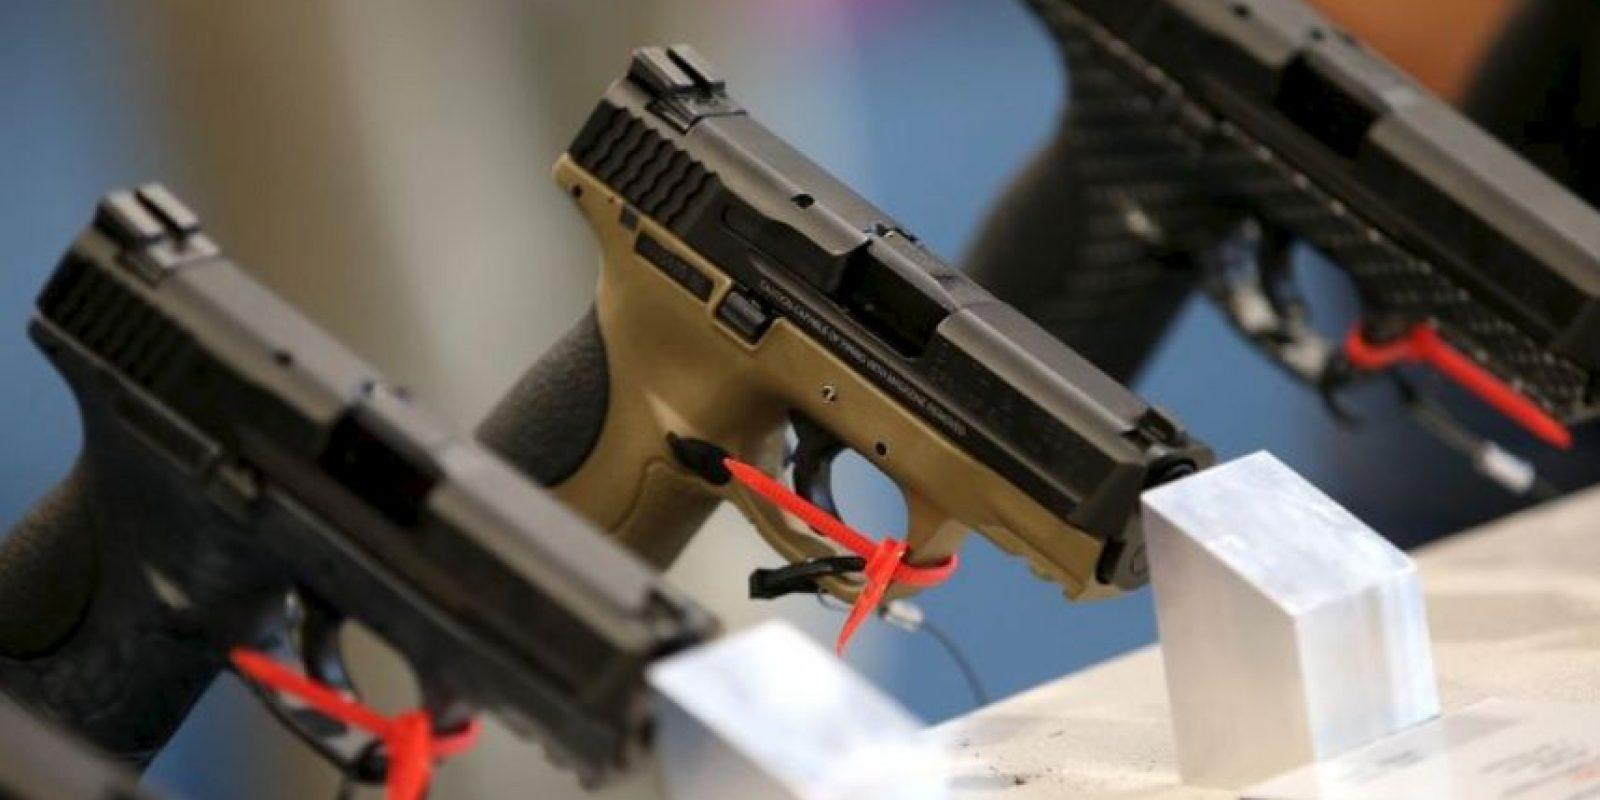 De hecho hubo dos fusilamientos masivos: a masacre de la Iglesia de Charleston, donde nueve afroamericanos fueron asesinados por Dylann Roof, de 21 años y la del noticiero de televisión de Virginia, que dejó a dos periodistas muertos durante una transmisión en vivo. Foto:vía Getty Images